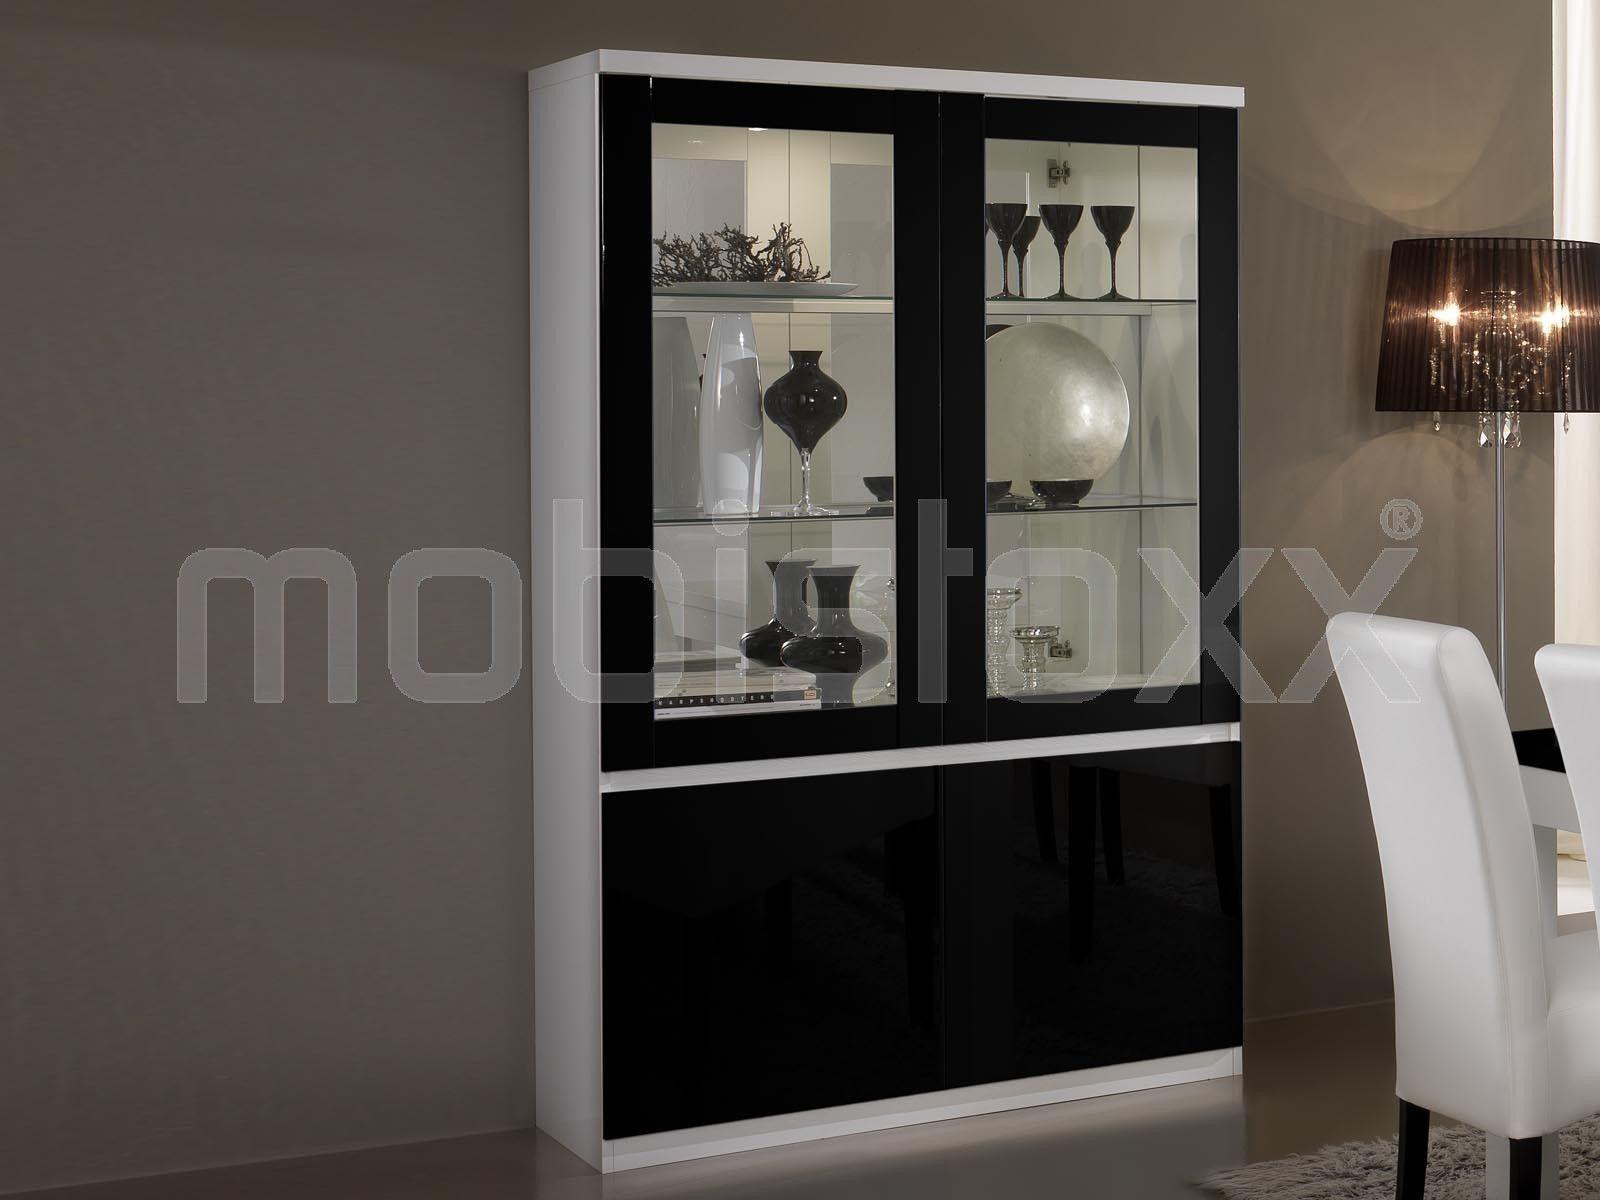 Vitrine Romeo 4 Portes Blanc Laque Noir Laque Avec Led 1 Meubles  # Vitrine Blanc Laque Led Une Porte